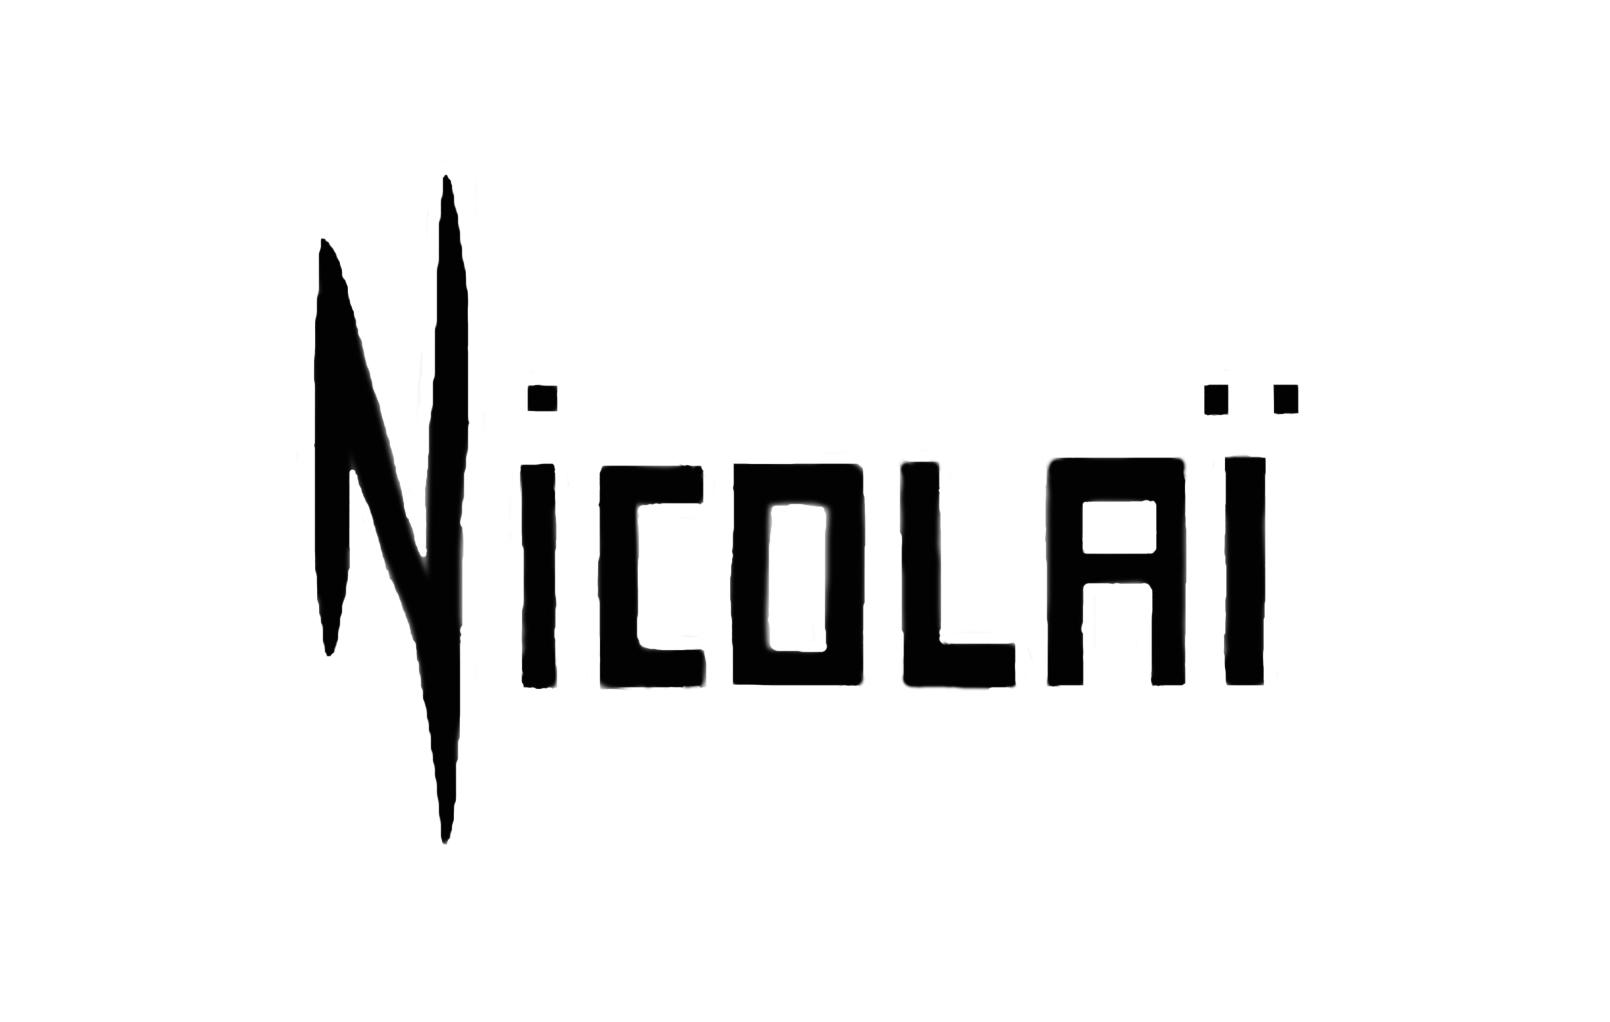 ELLE NICOLAI Signature